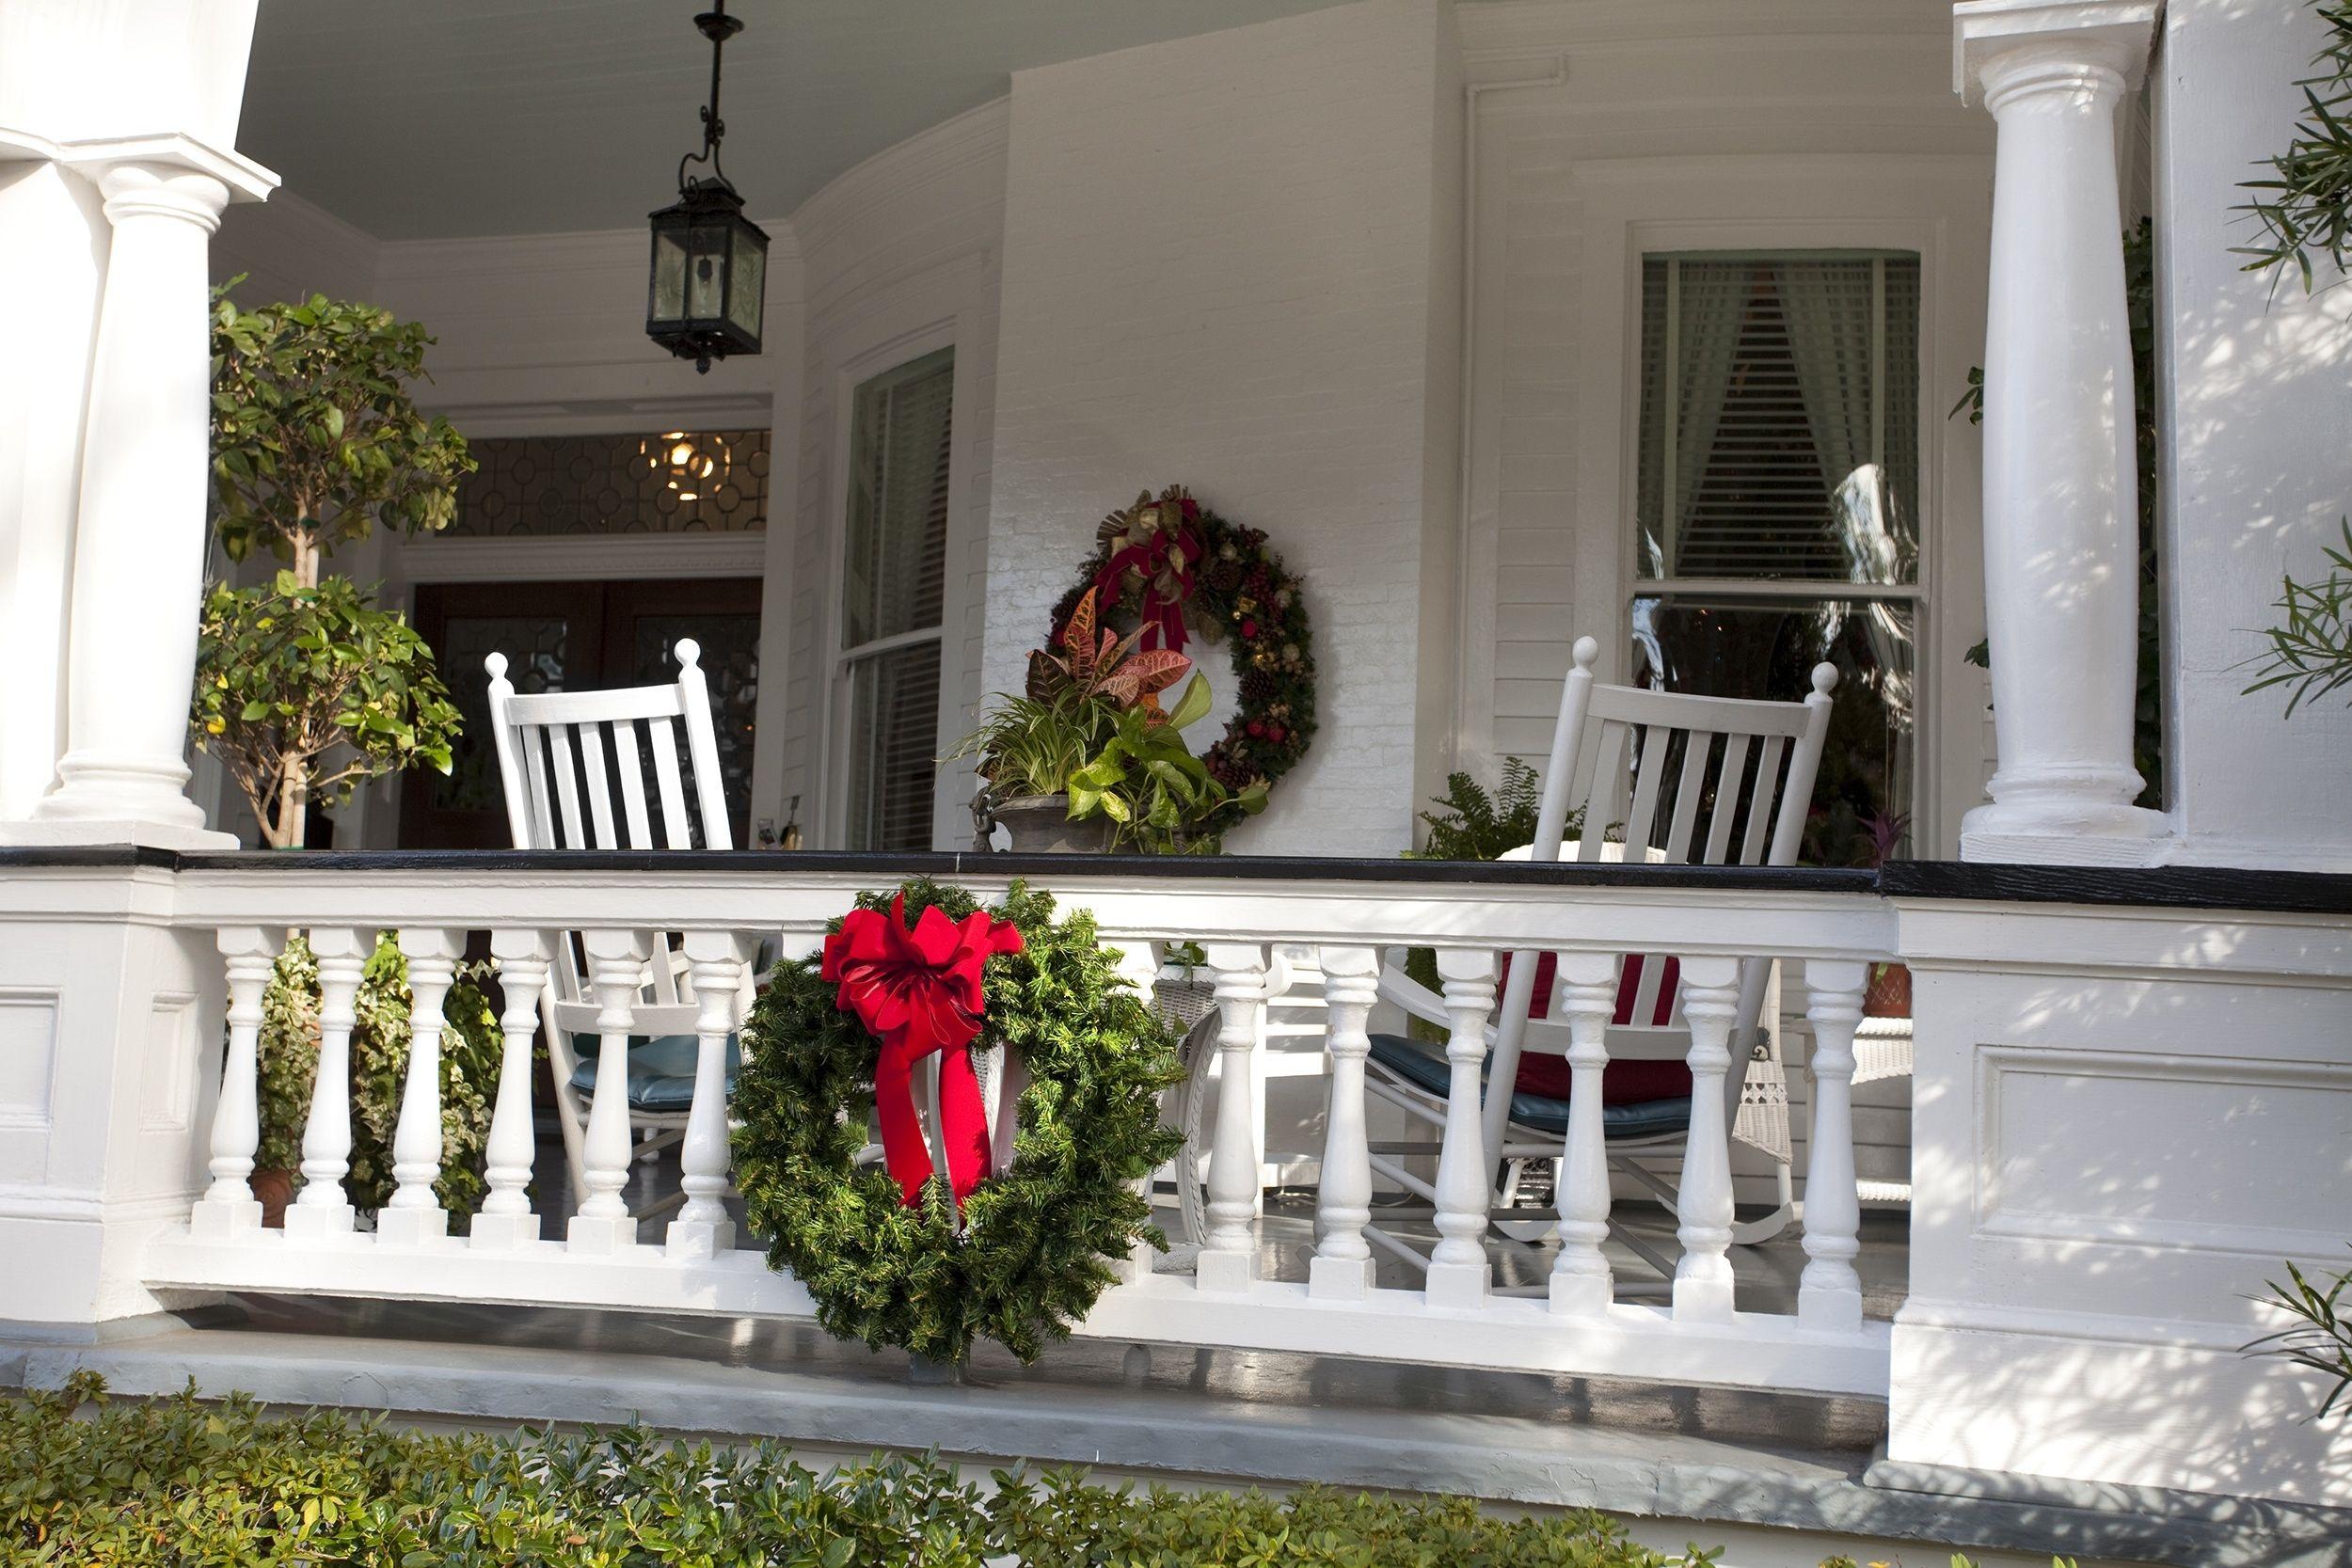 Unique Porch Railing Christmas Decorating Ideas Ew07n2q Https Sanantoniohomeinspector Front Porch Christmas Decor Christmas Porch Decor Christmas Front Porch